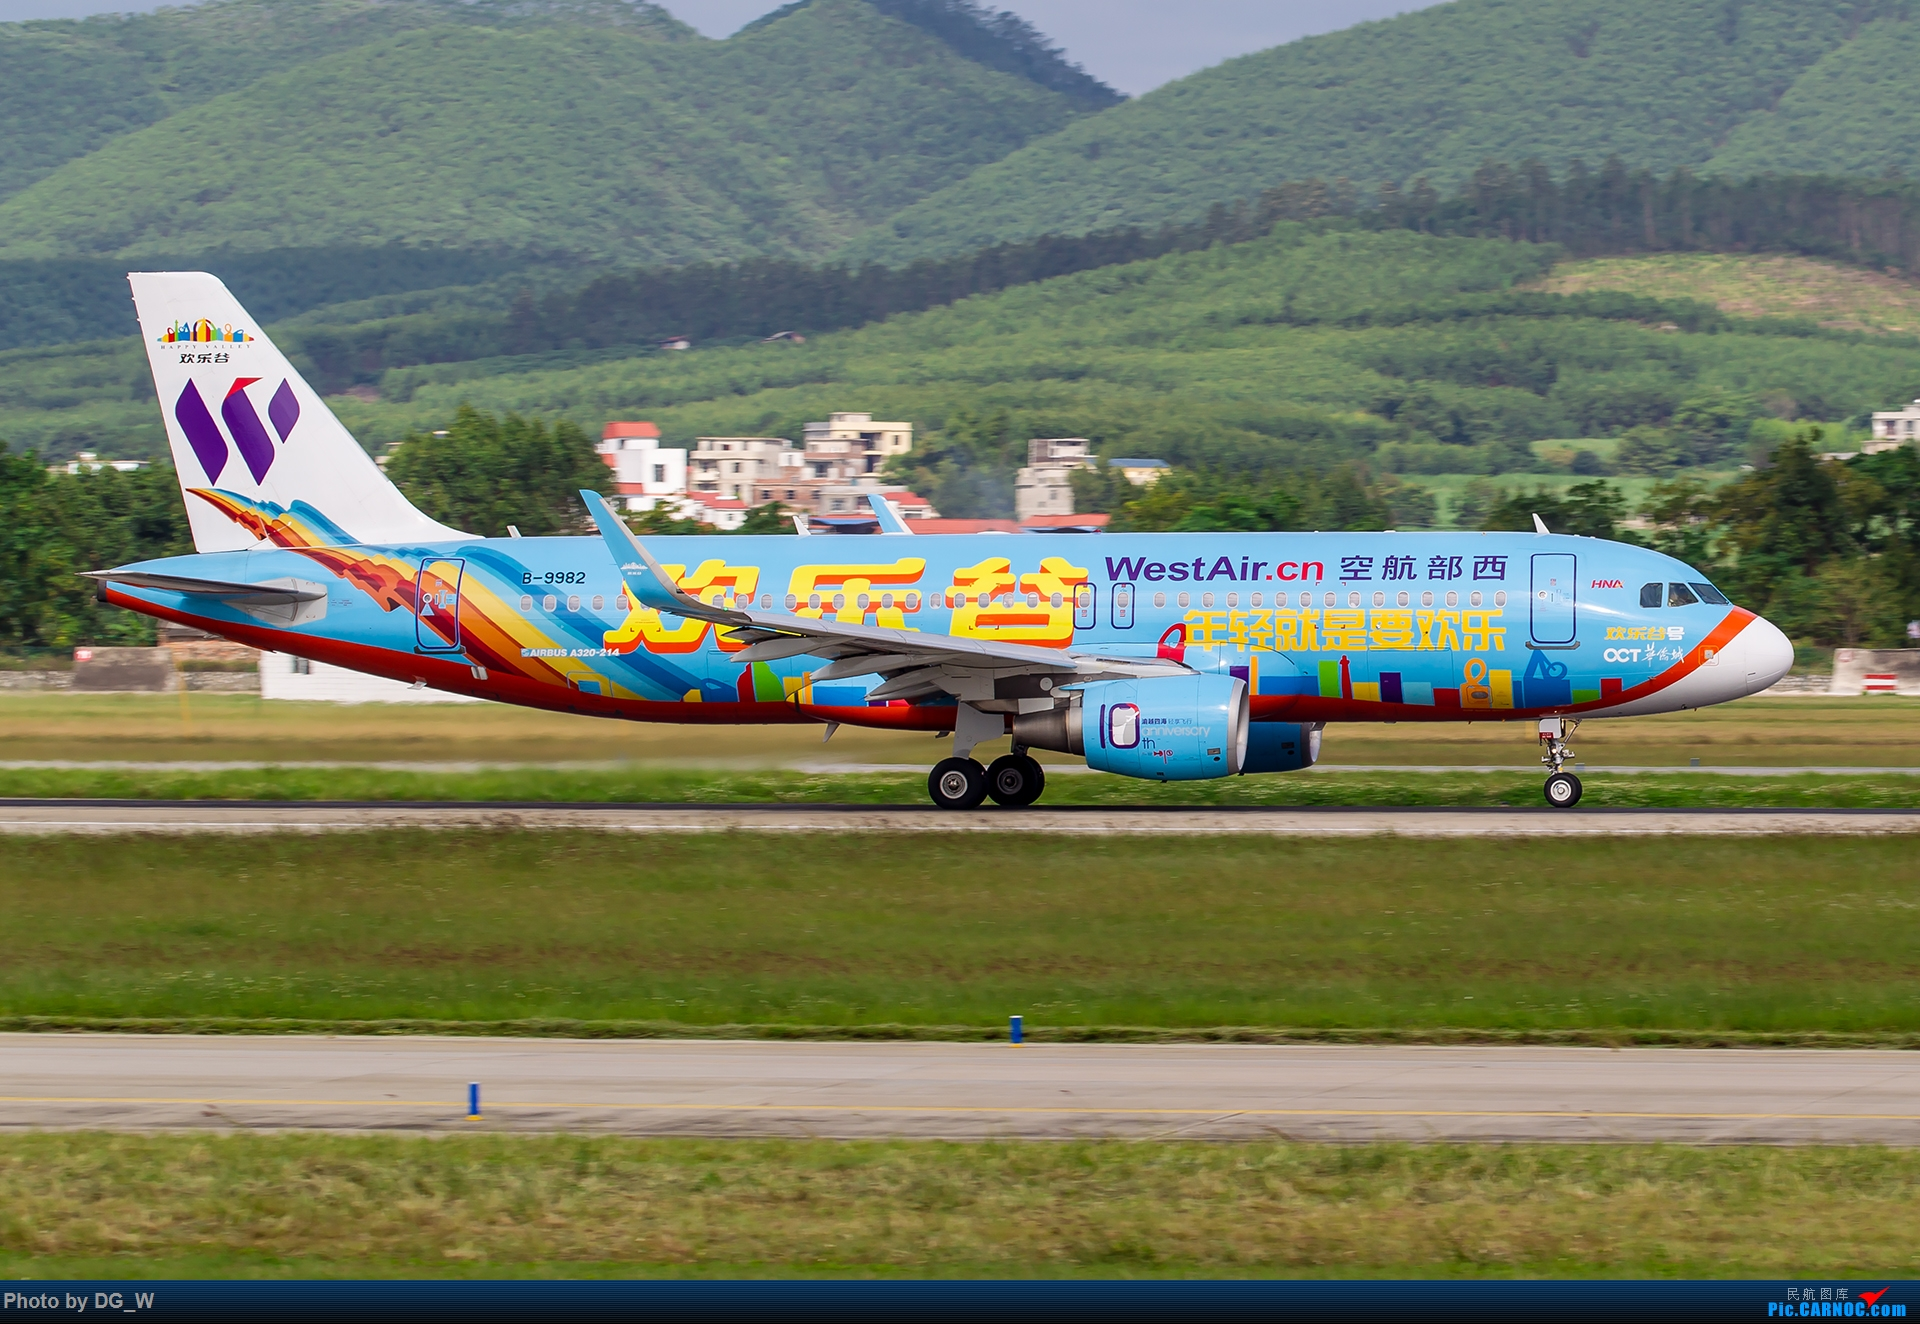 Re:[原创]【南宁飞友】烂天作业之空客专场 AIRBUS A320-200 B-9982 中国南宁吴圩国际机场